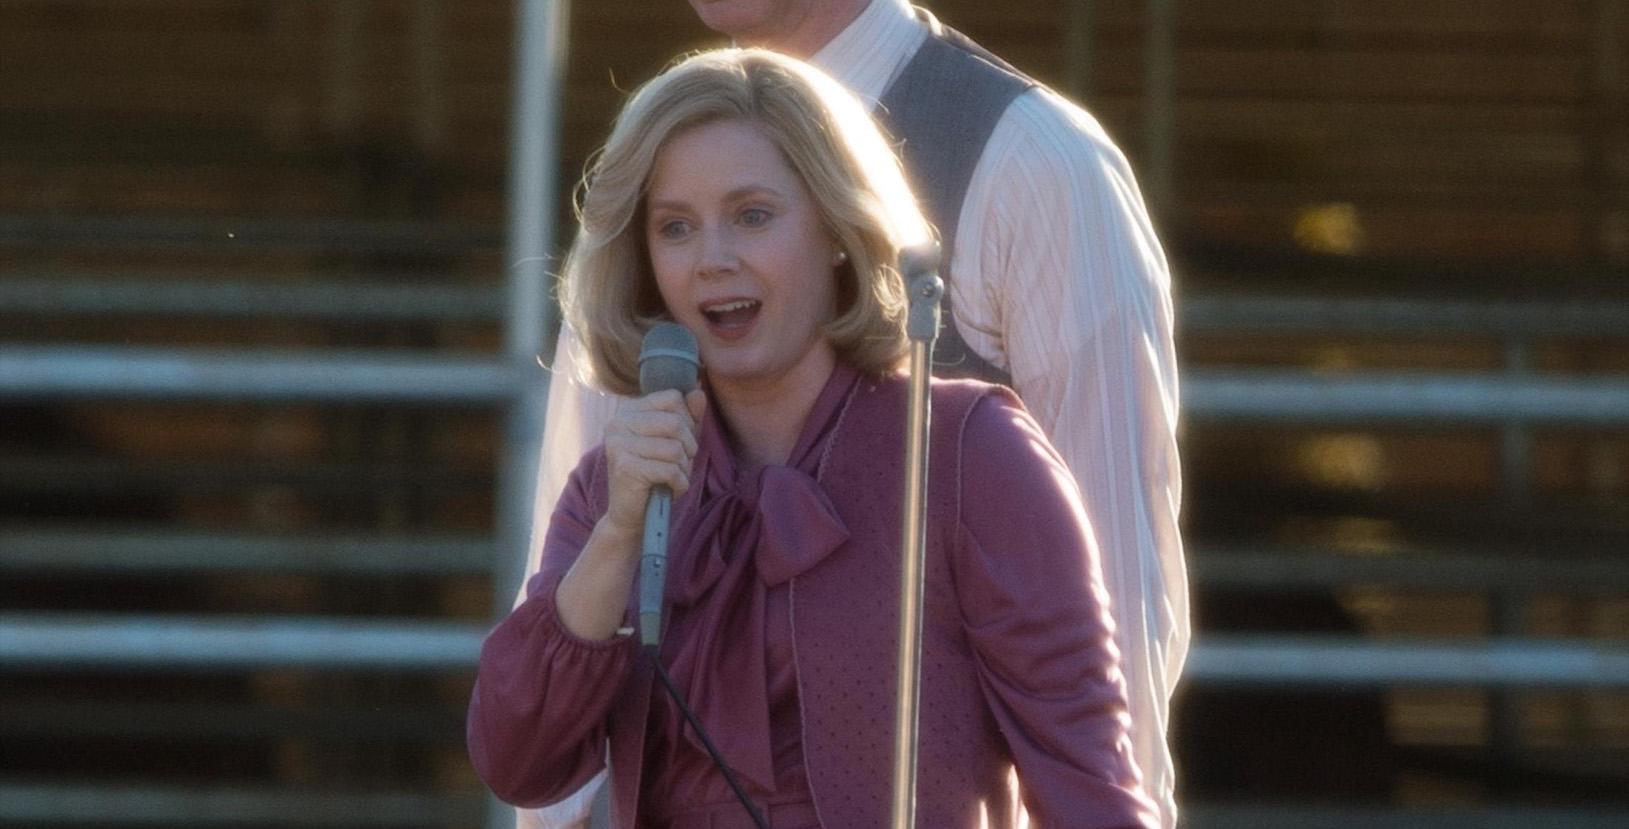 Amy Adams Filmes E Programas De Tv vice   amy adams se inspirou em sua avó para interpretar